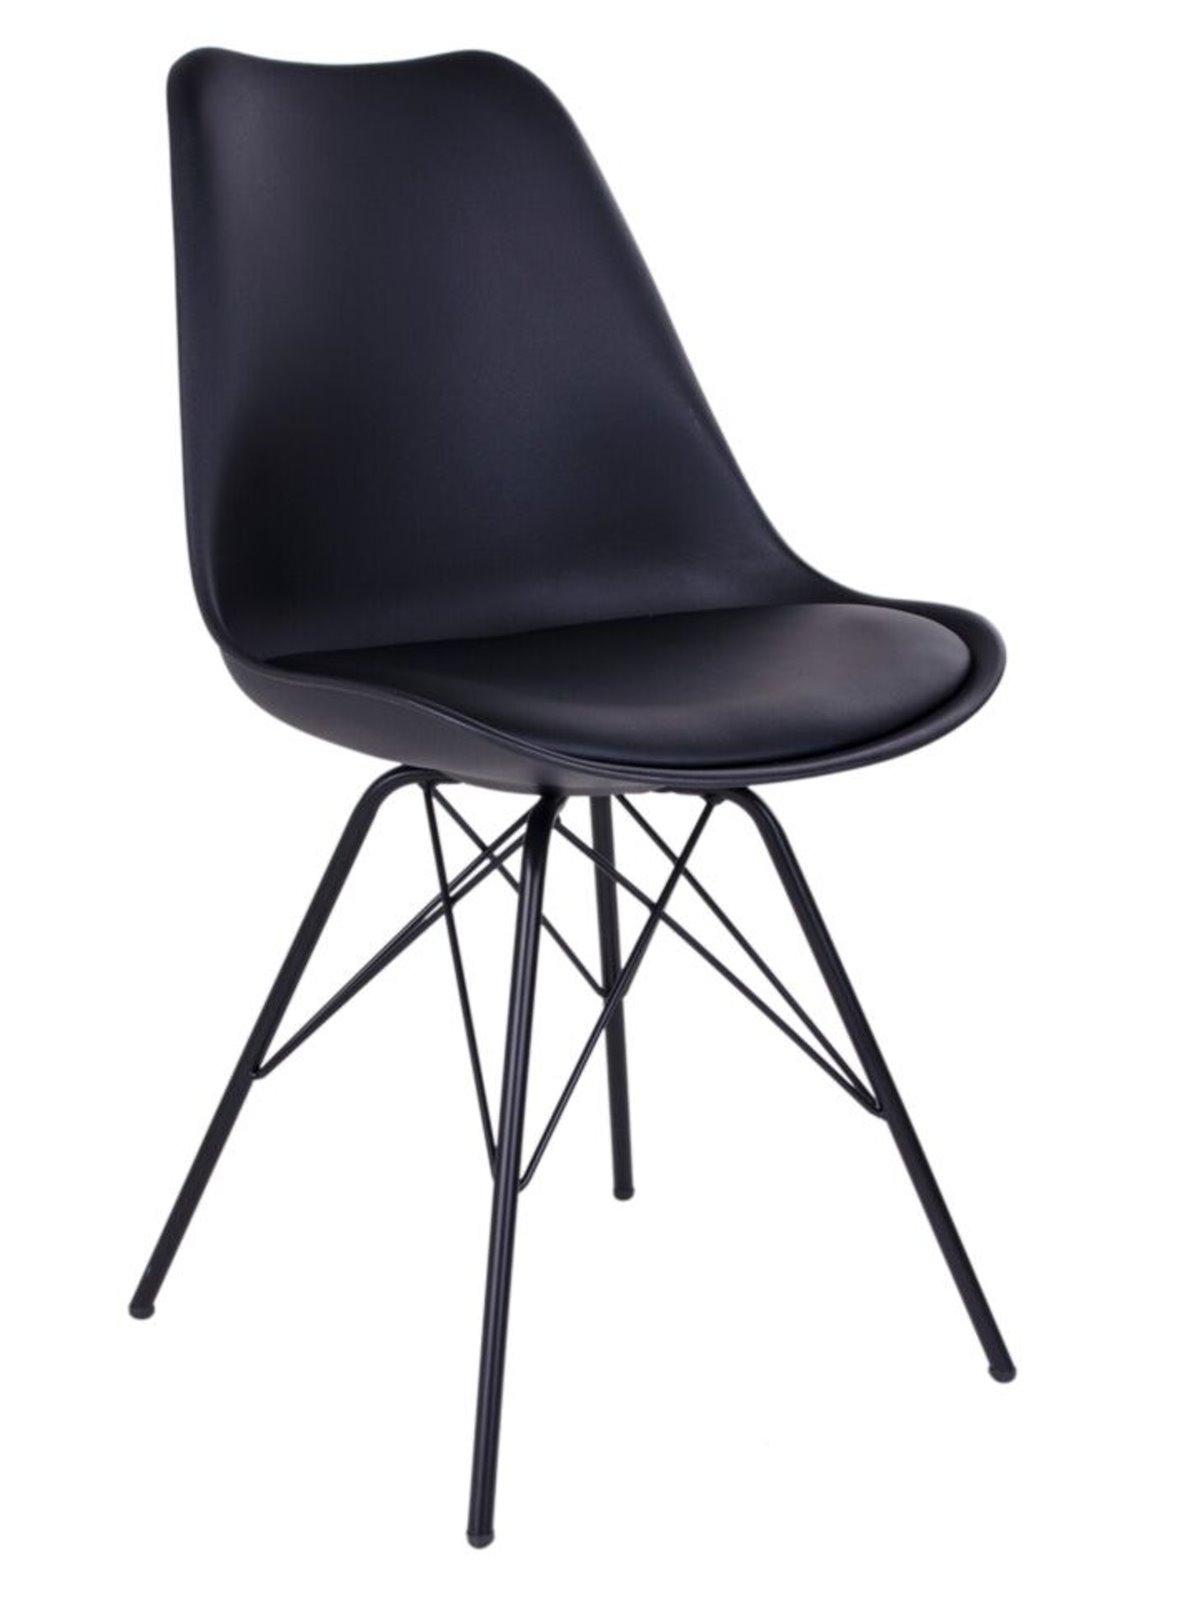 2 x designerstuhl olav schwarz schalenstuhl for Schalenstuhl schwarz